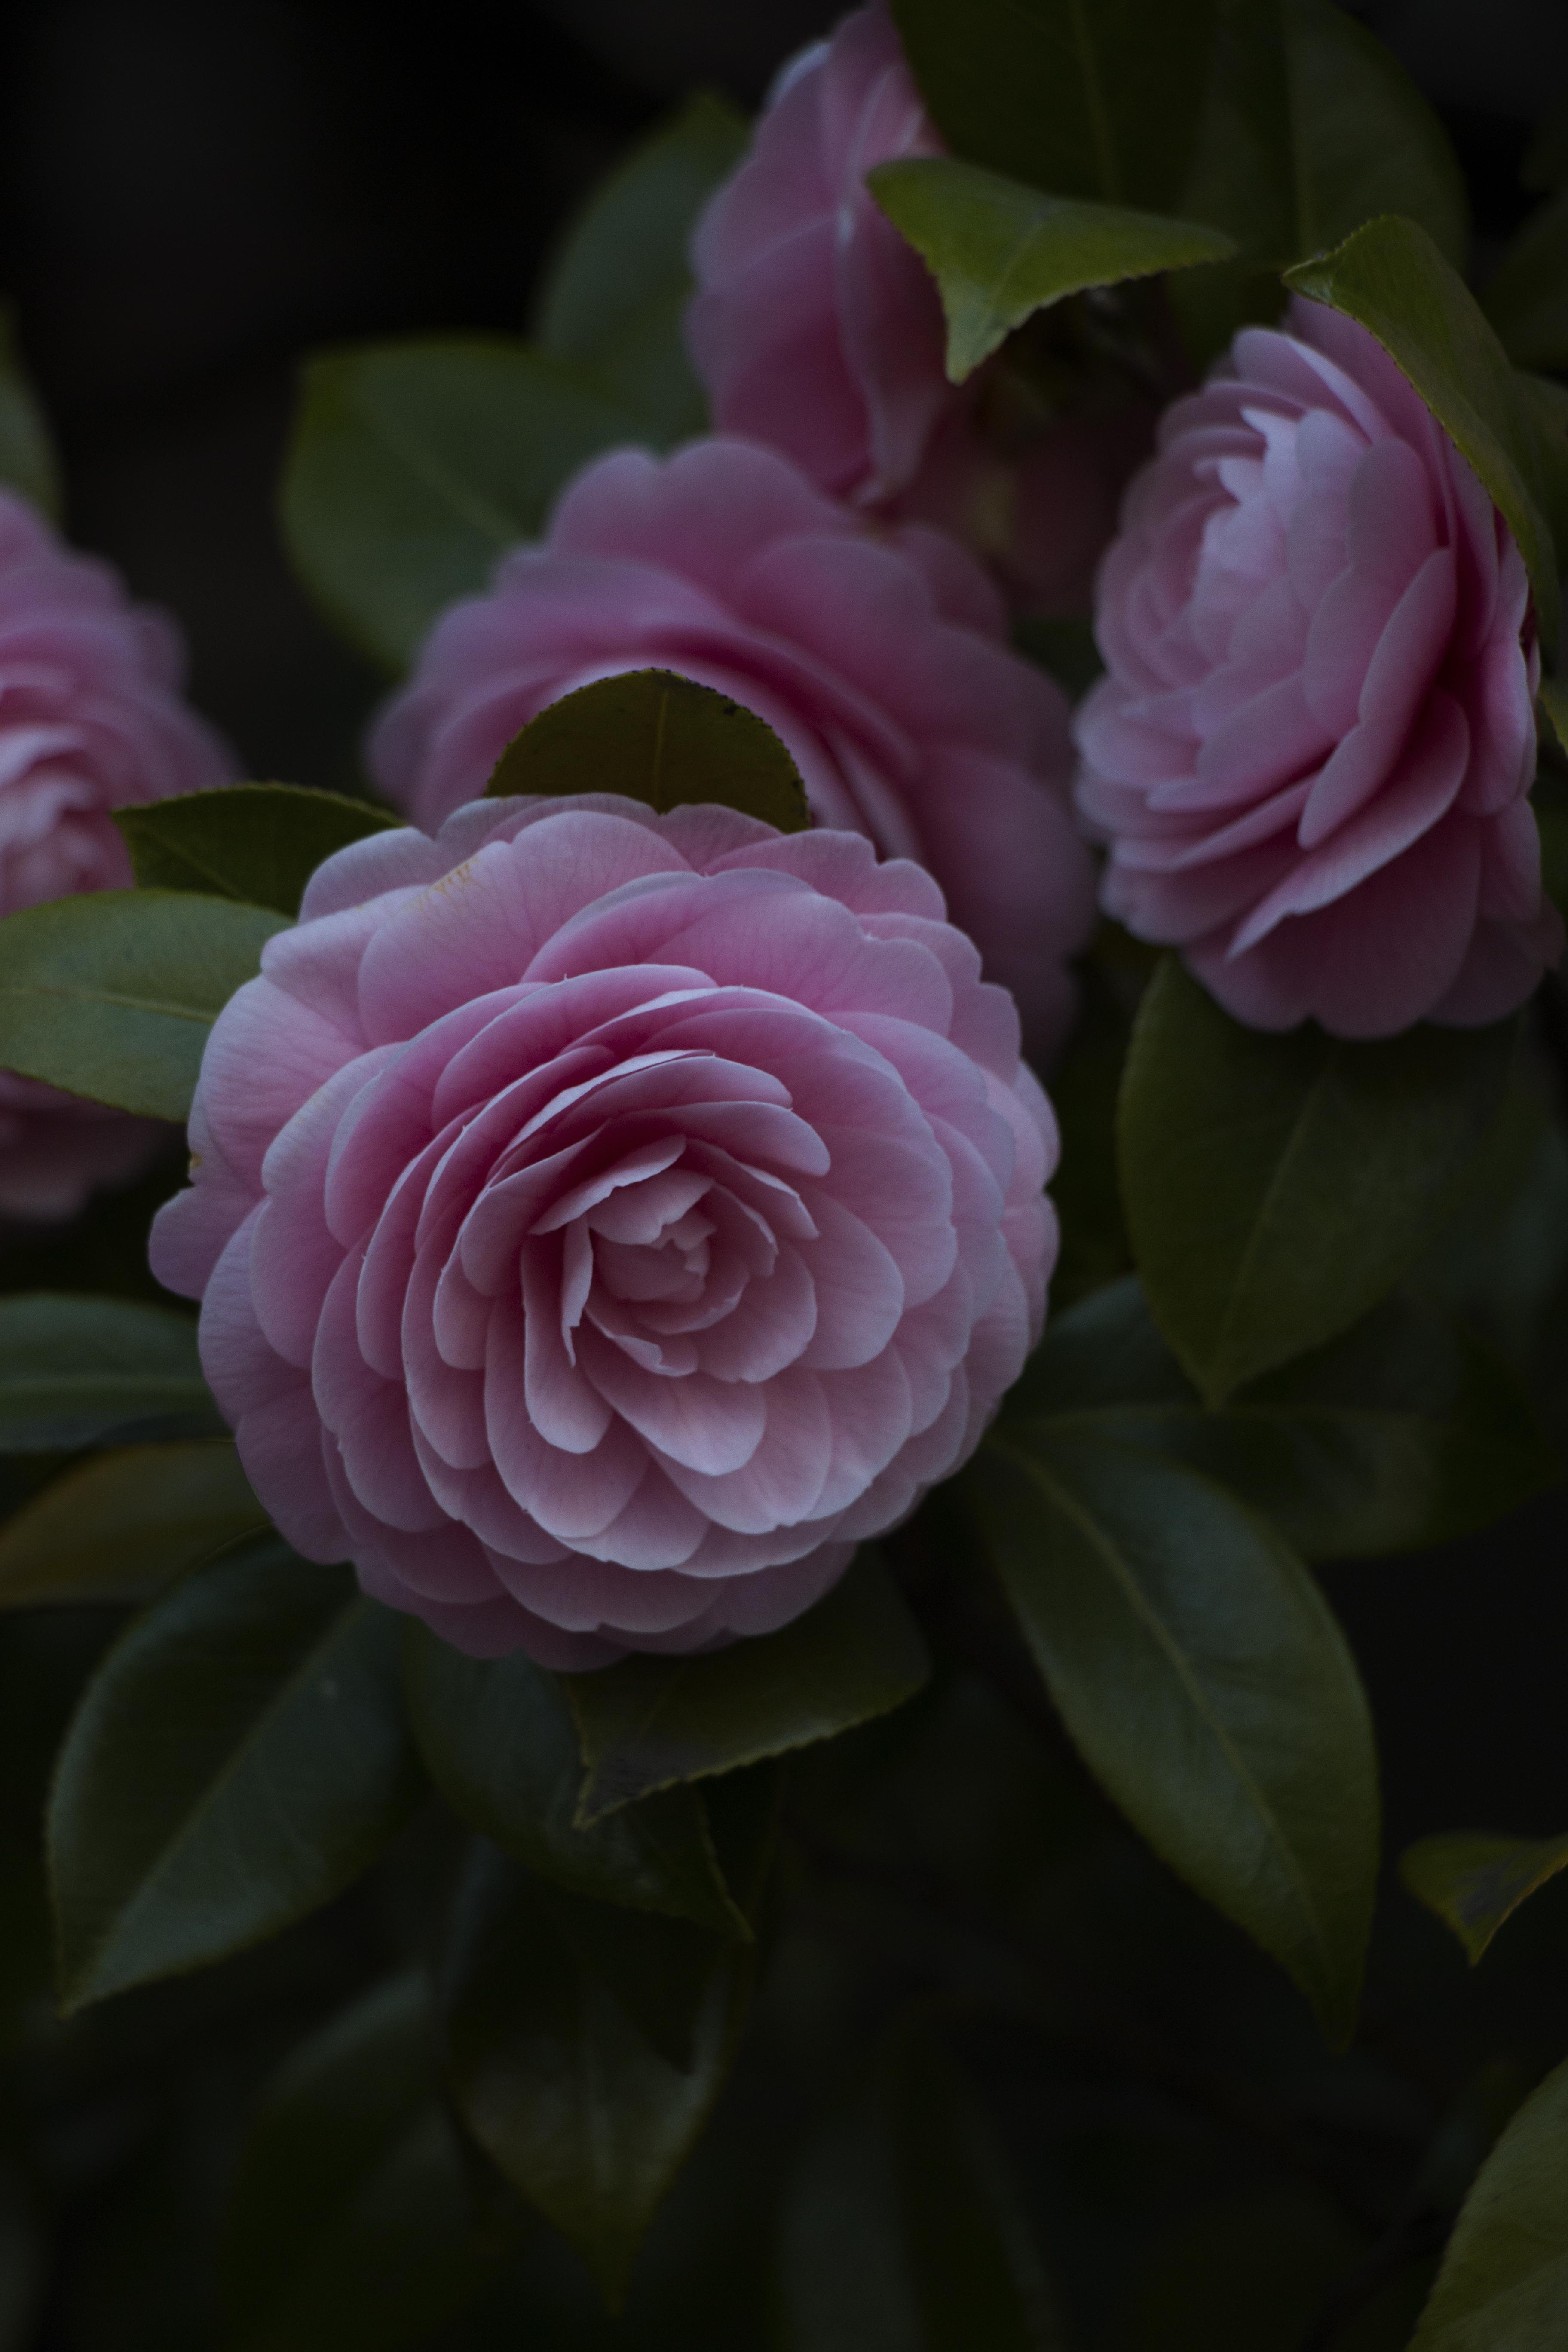 144464 скачать обои Крупный План, Цветы, Цветок, Растение, Цветение, Розовый - заставки и картинки бесплатно